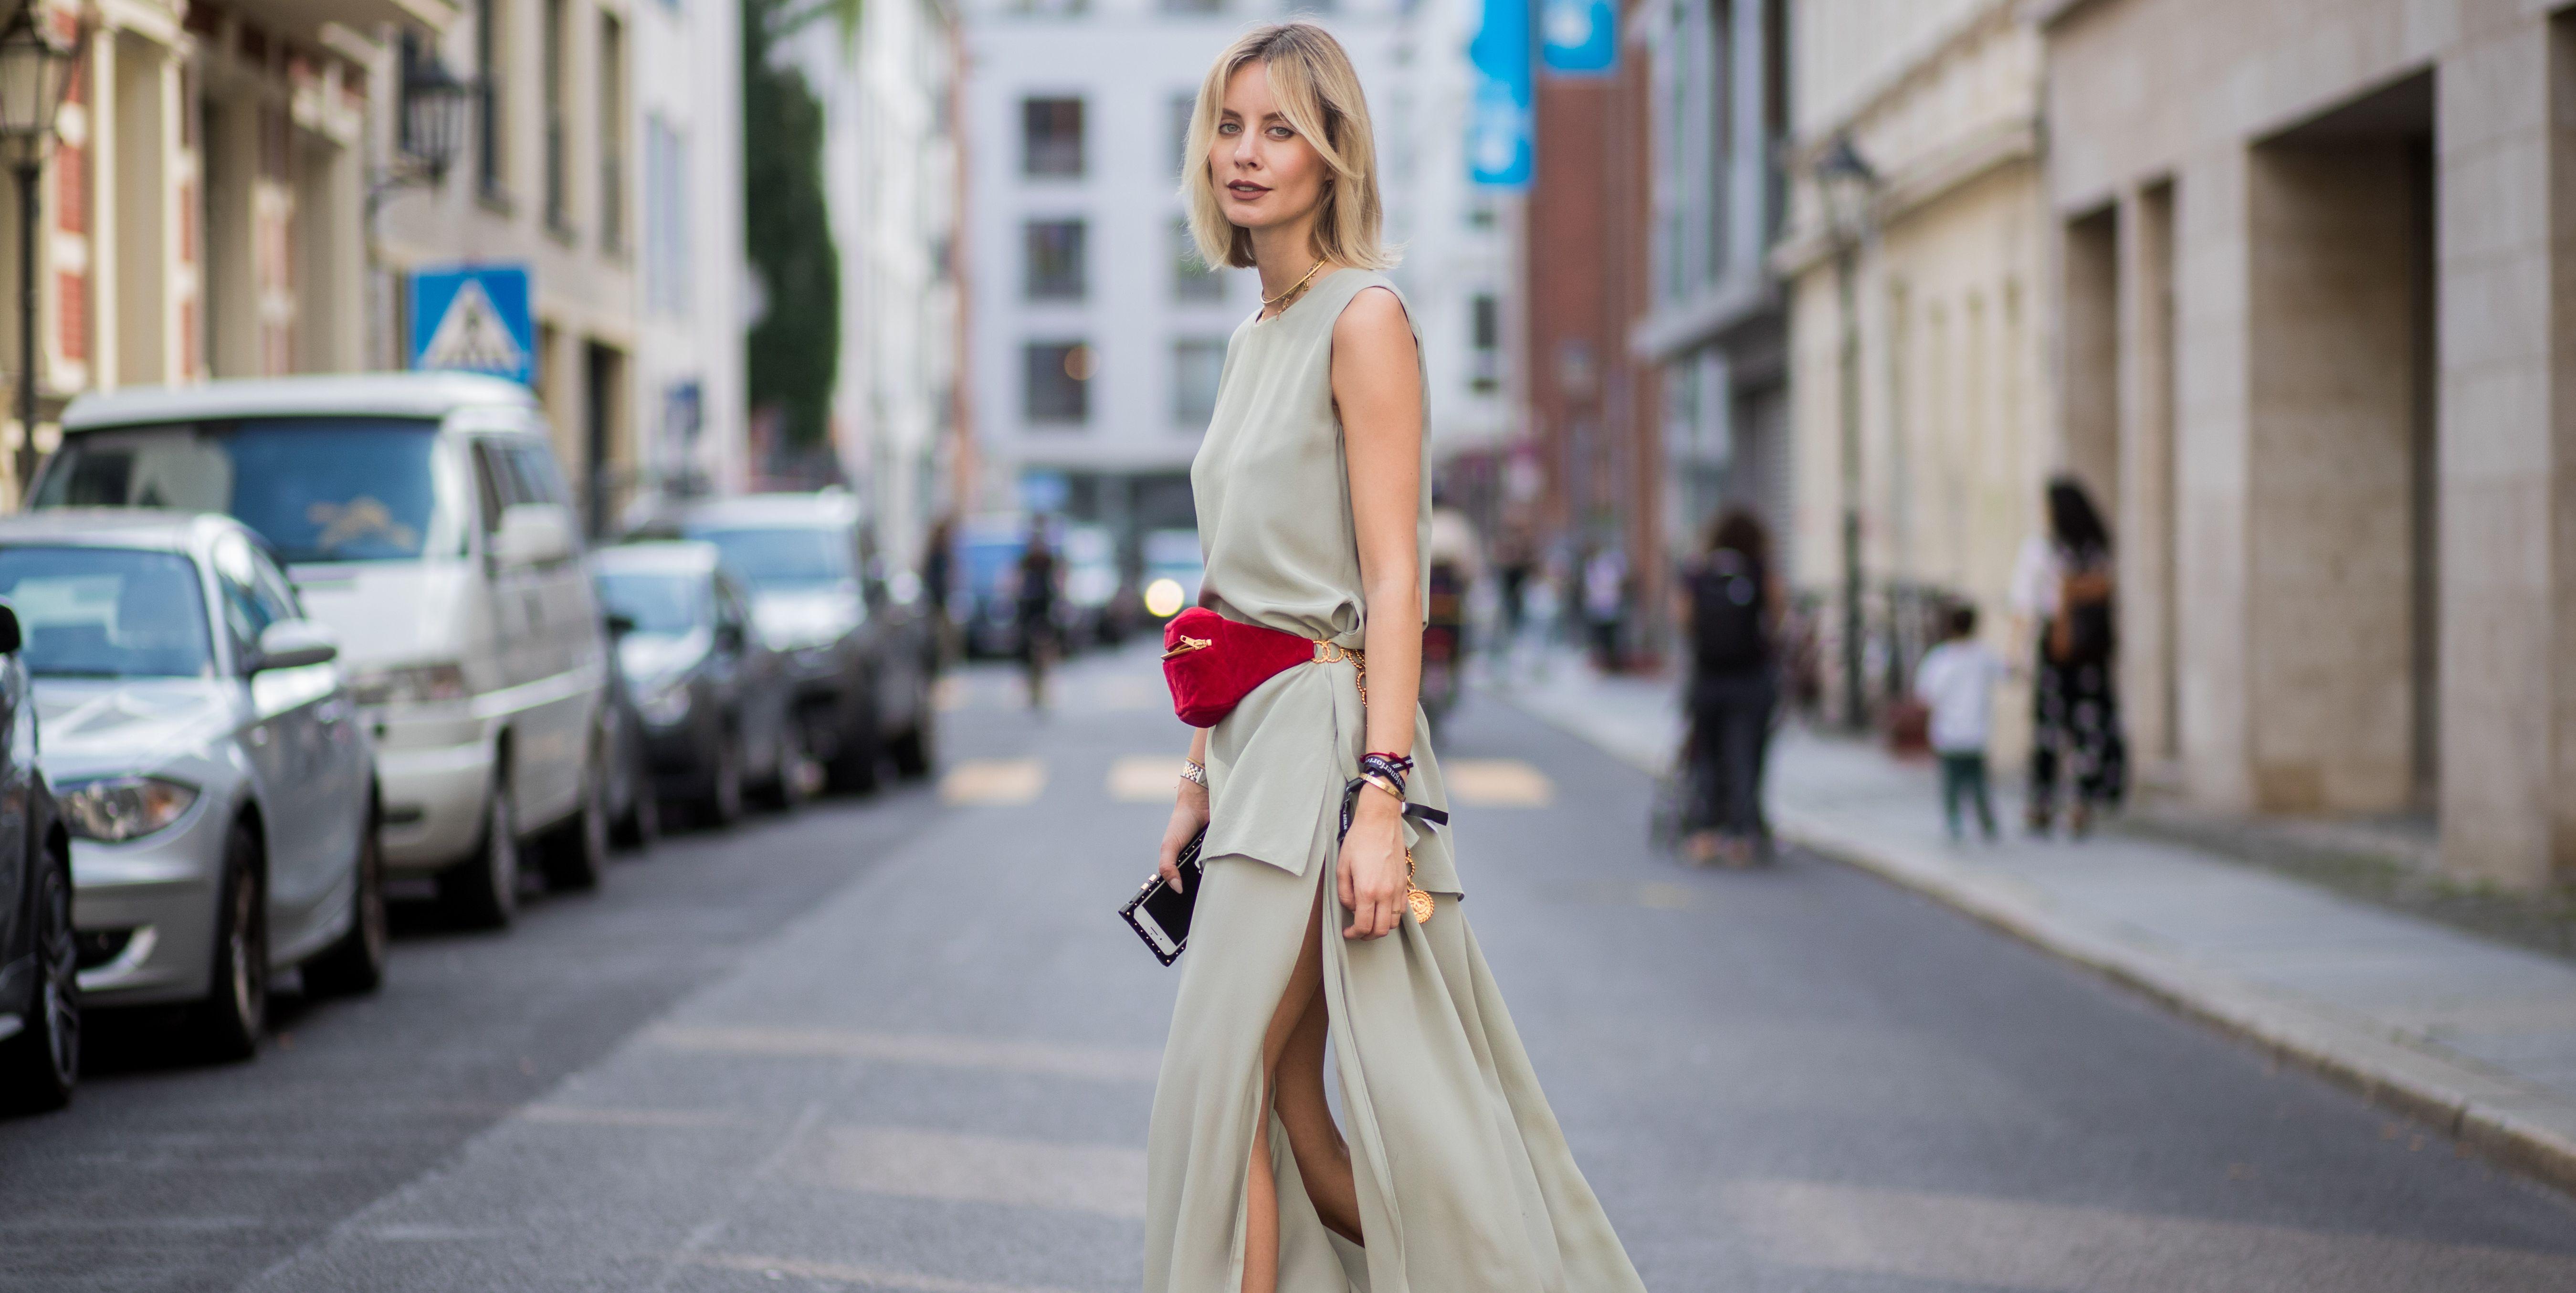 summer city dressing: woman in summer dress